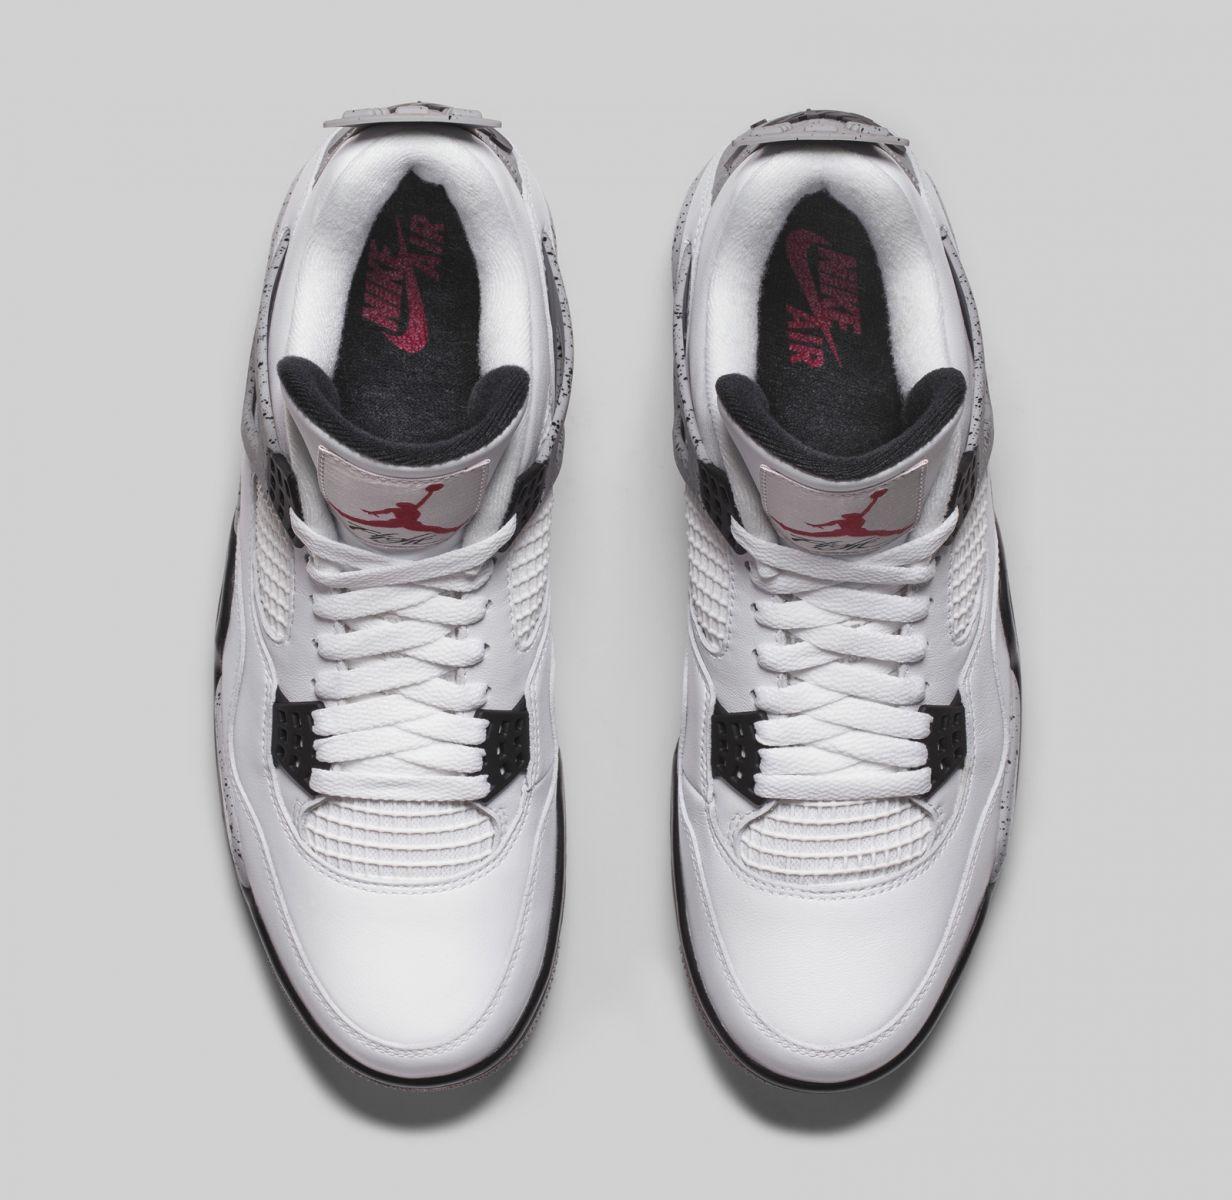 690a9bc6f0dbd0 Air Jordan IV Retro White Cement Release Date